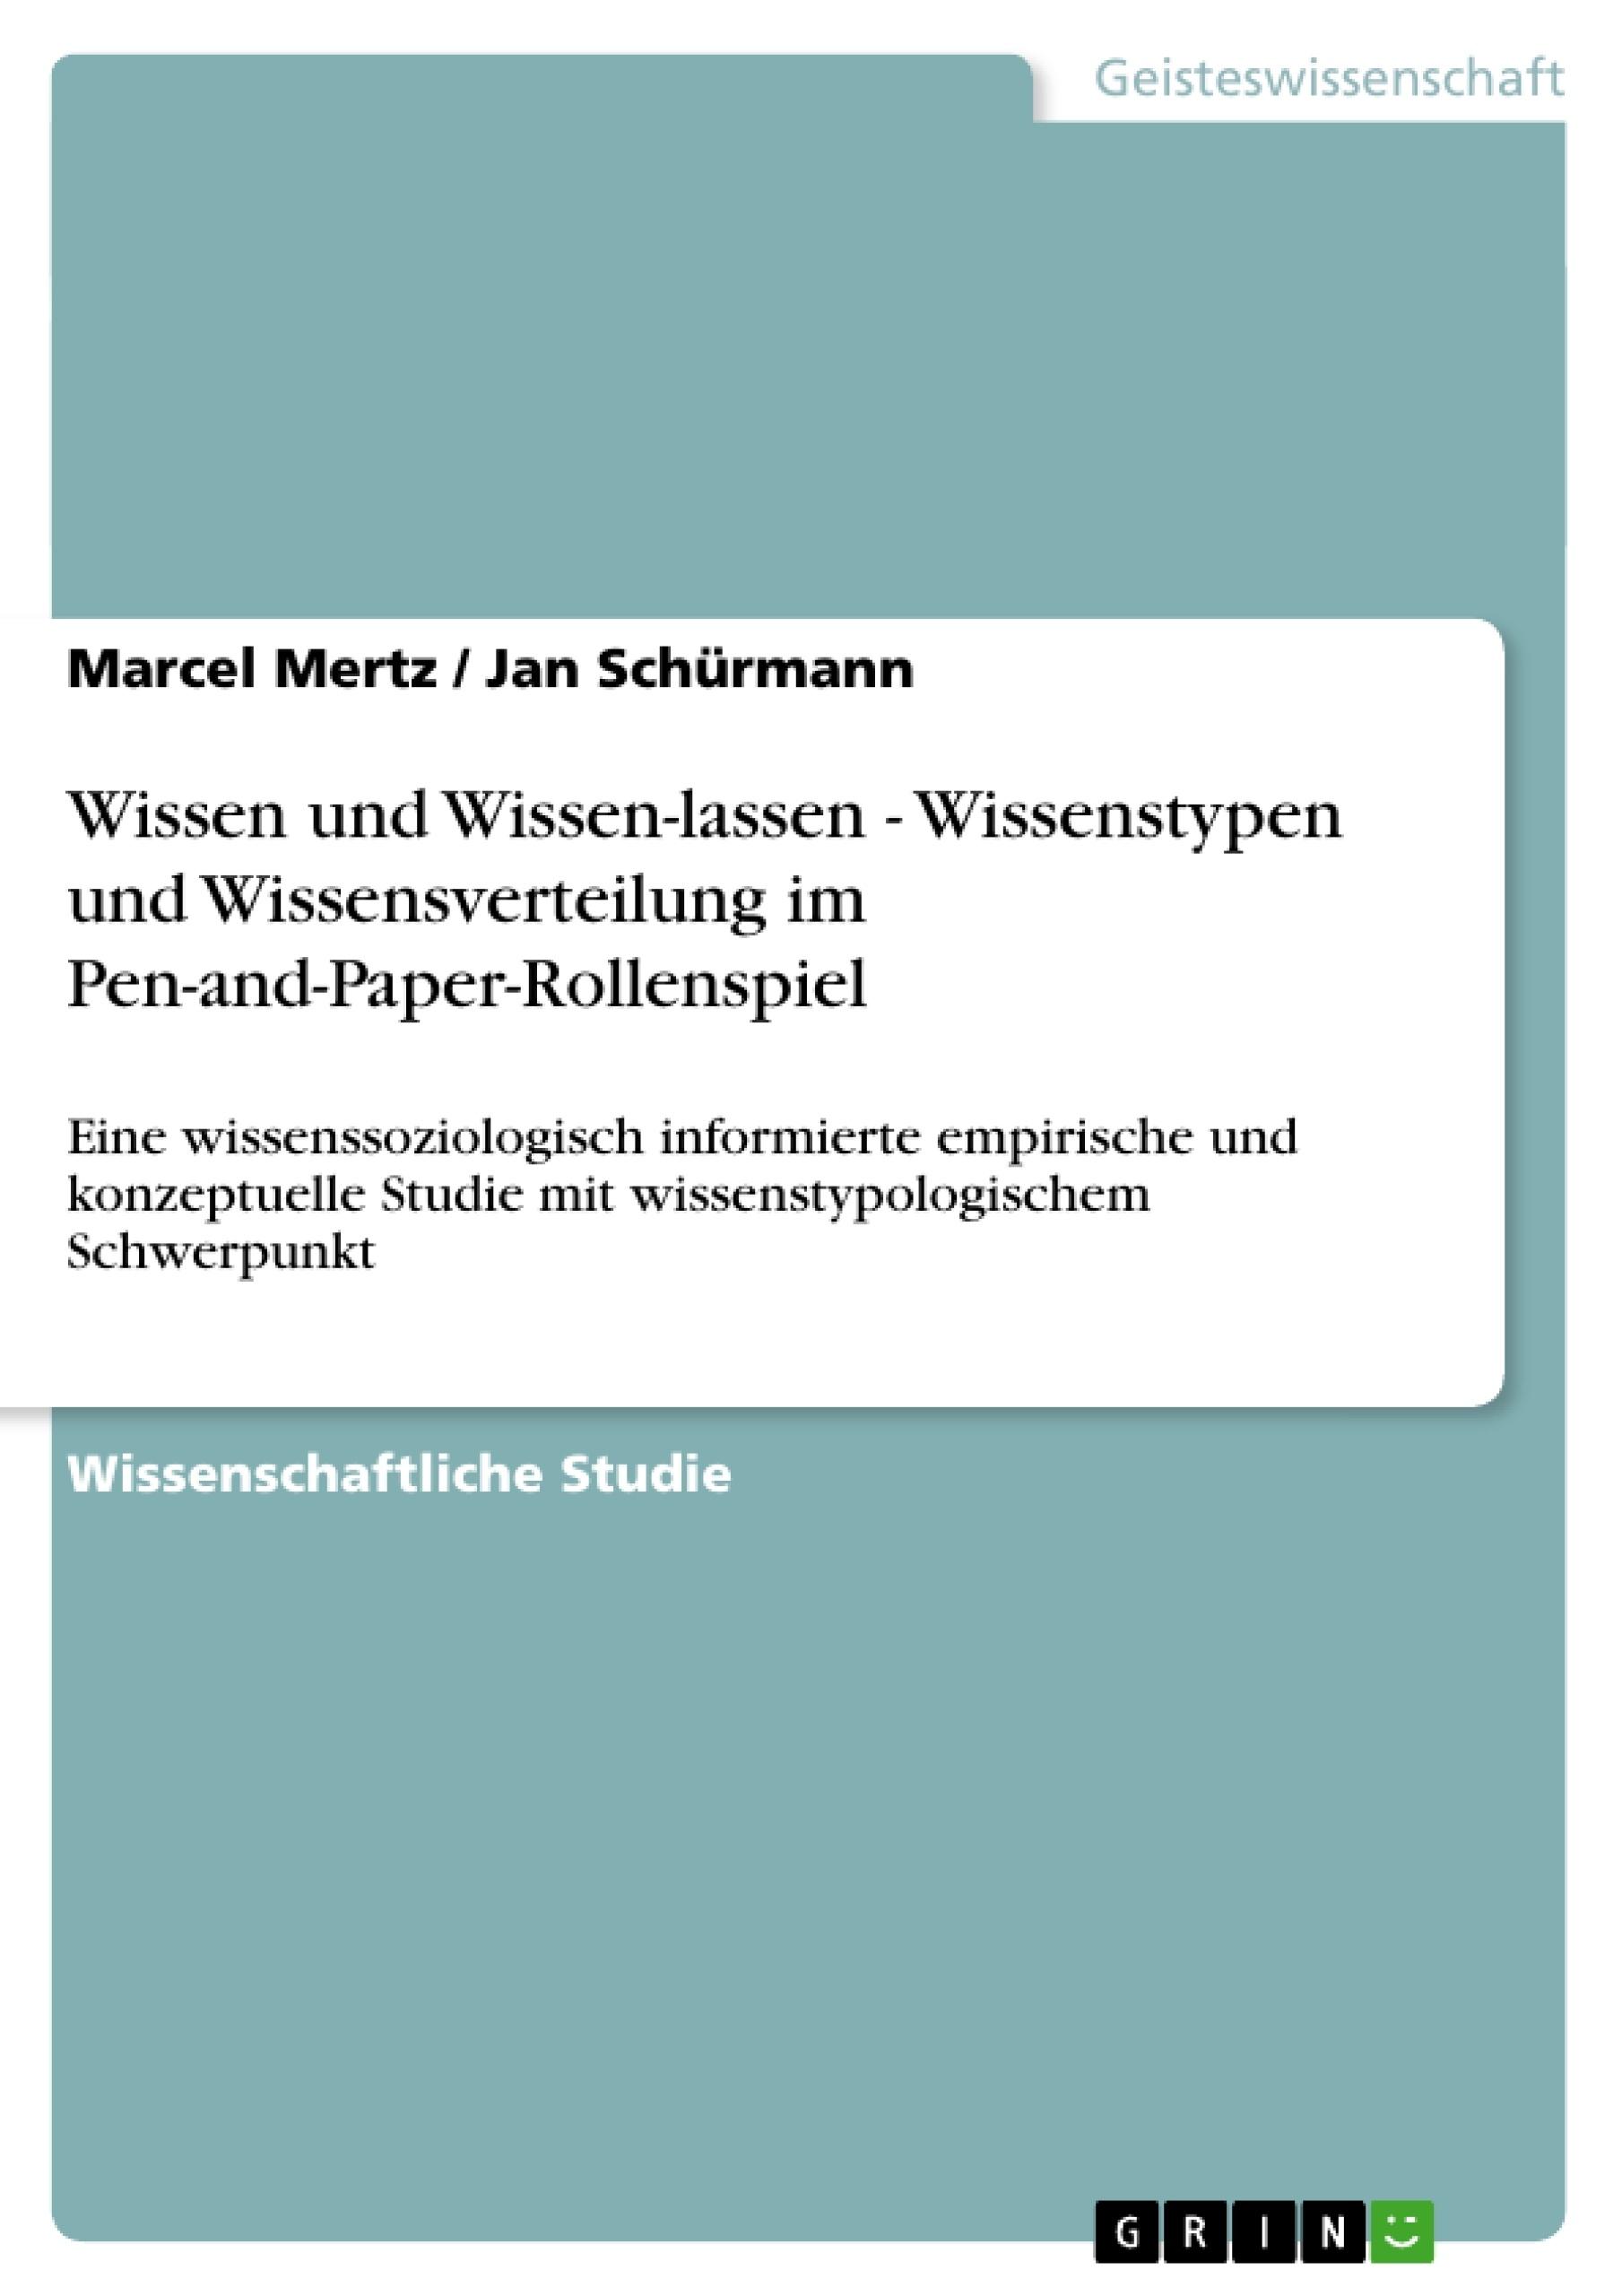 Titel: Wissen und Wissen-lassen - Wissenstypen und Wissensverteilung im Pen-and-Paper-Rollenspiel